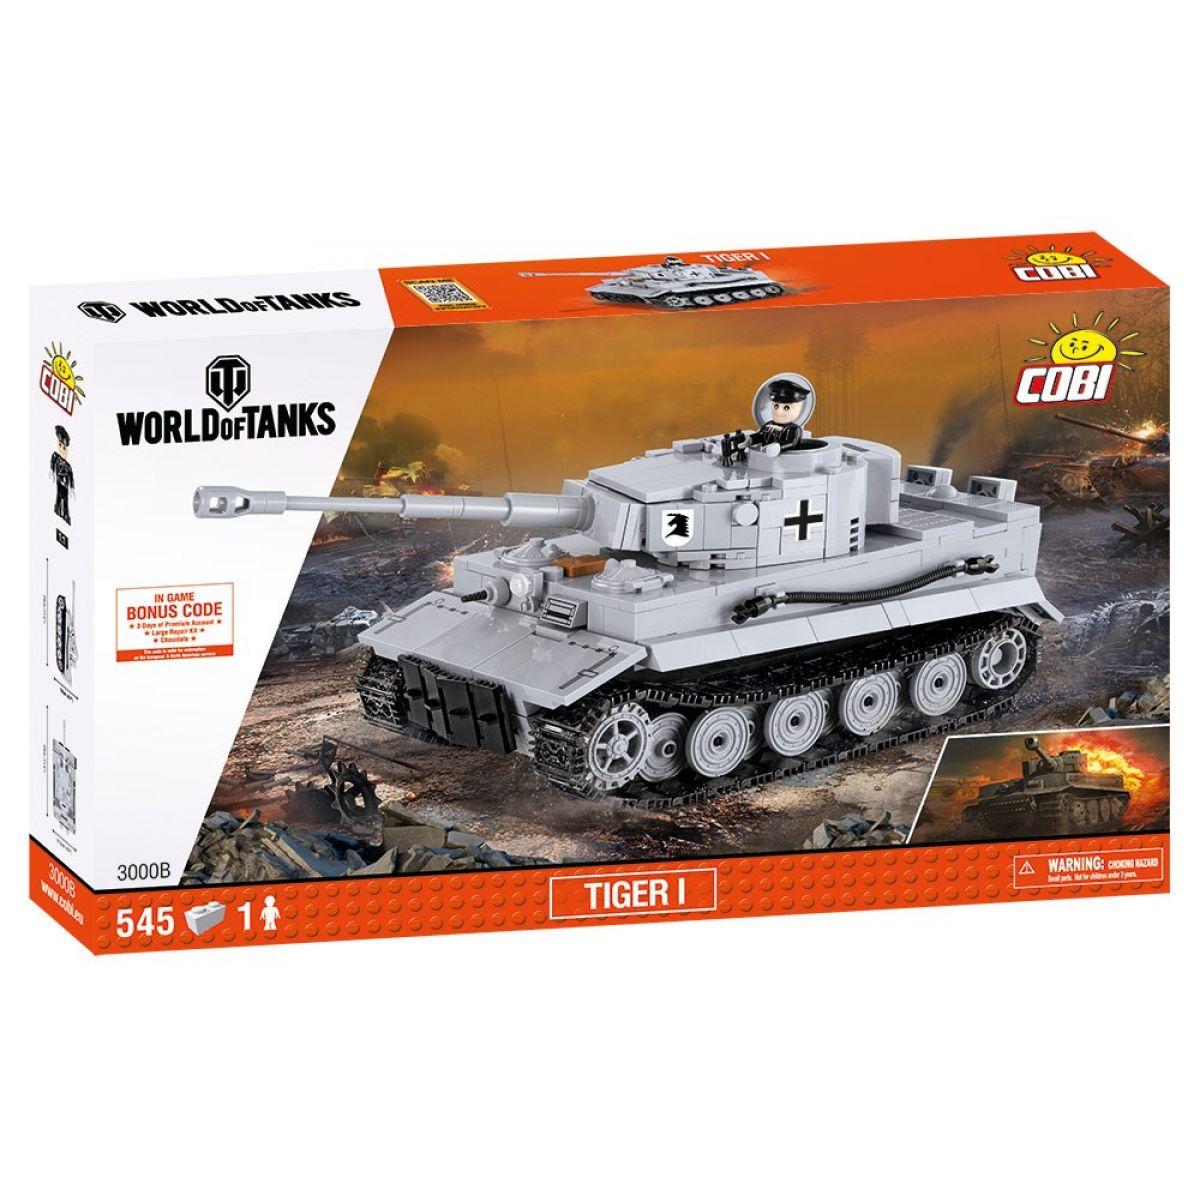 Cobi 3000B World of Tanks Tiger I 545 k - Poškodený obal